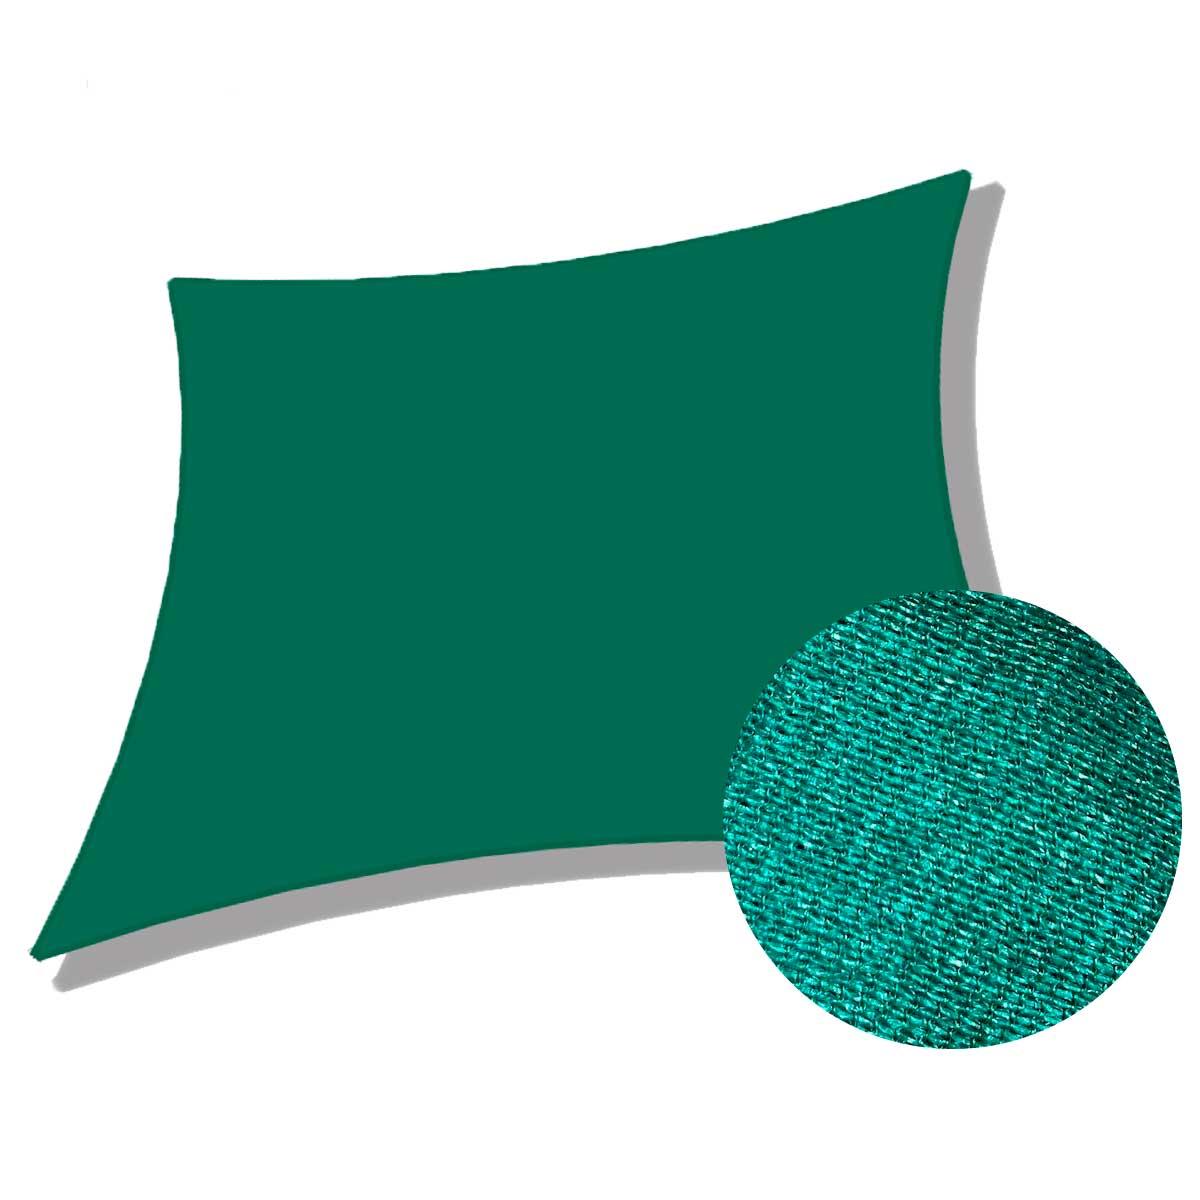 Tela Toldo Decorativa Shade Verde Sem Acabamento 5x6,5m